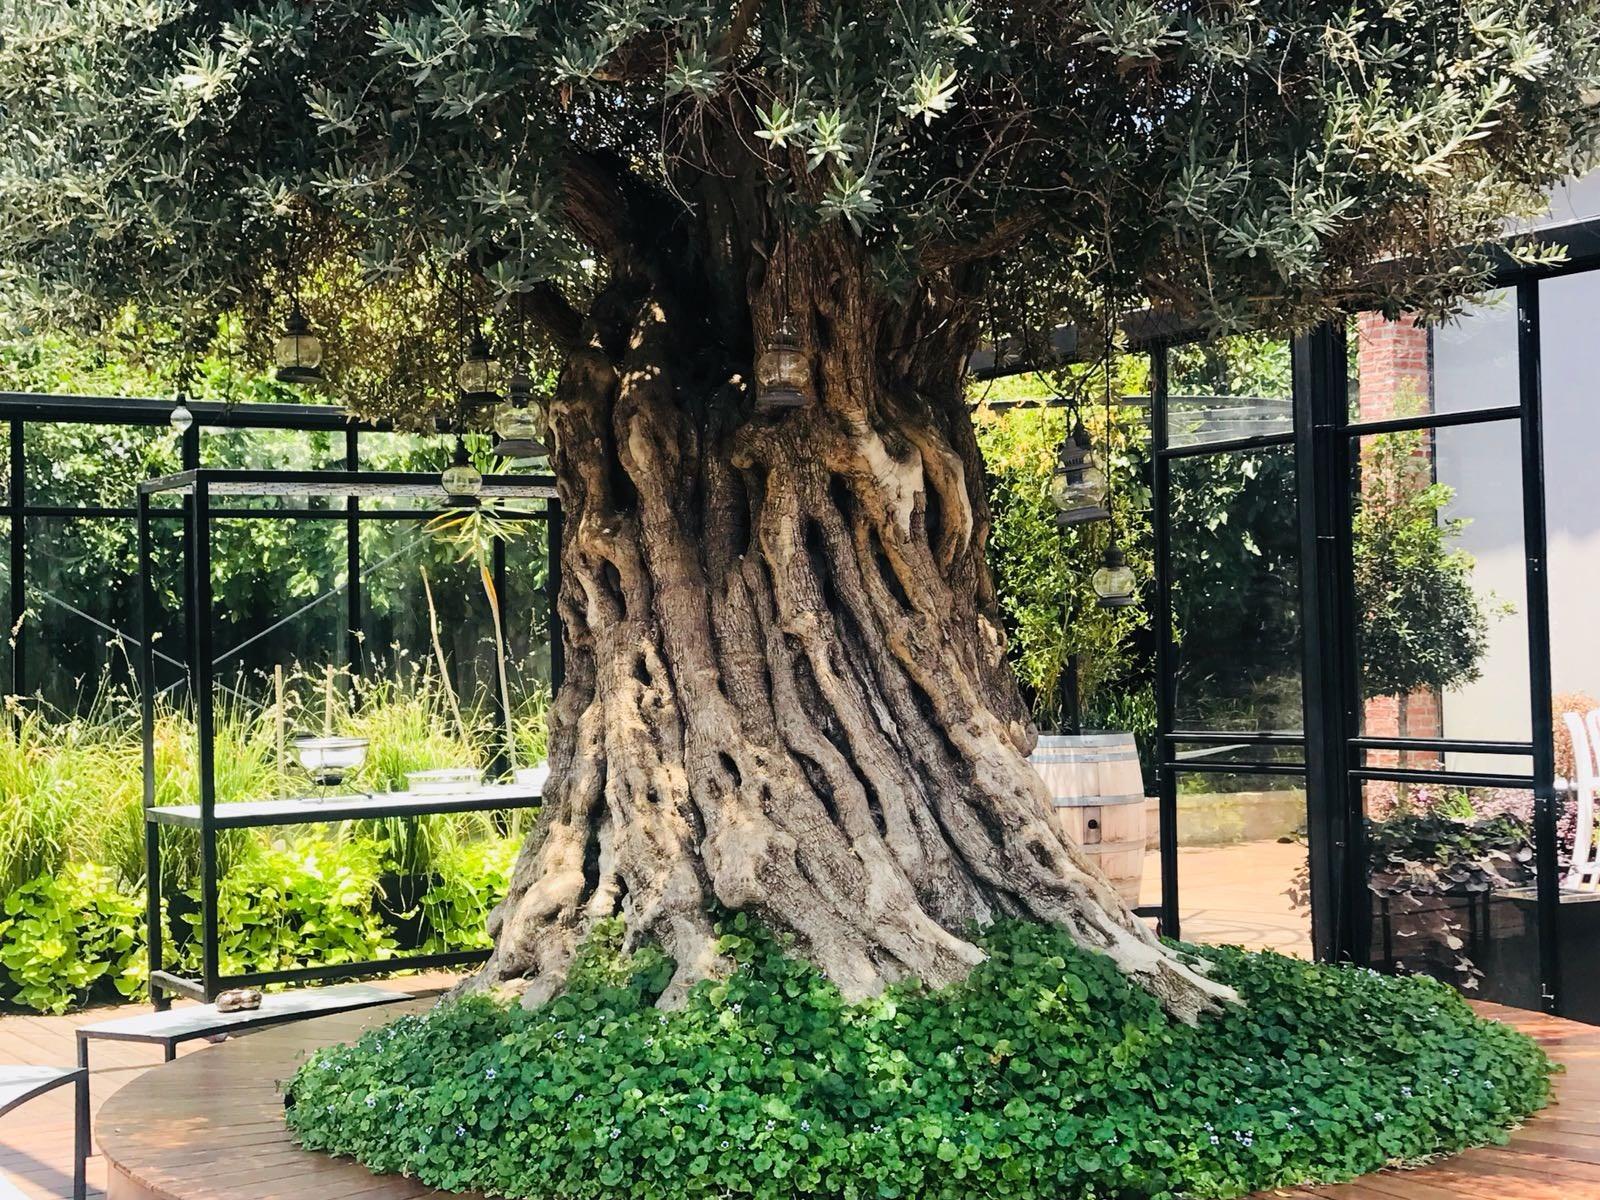 עץ זית עתיק בלב החלל (צילום: באדיבות ארקה)